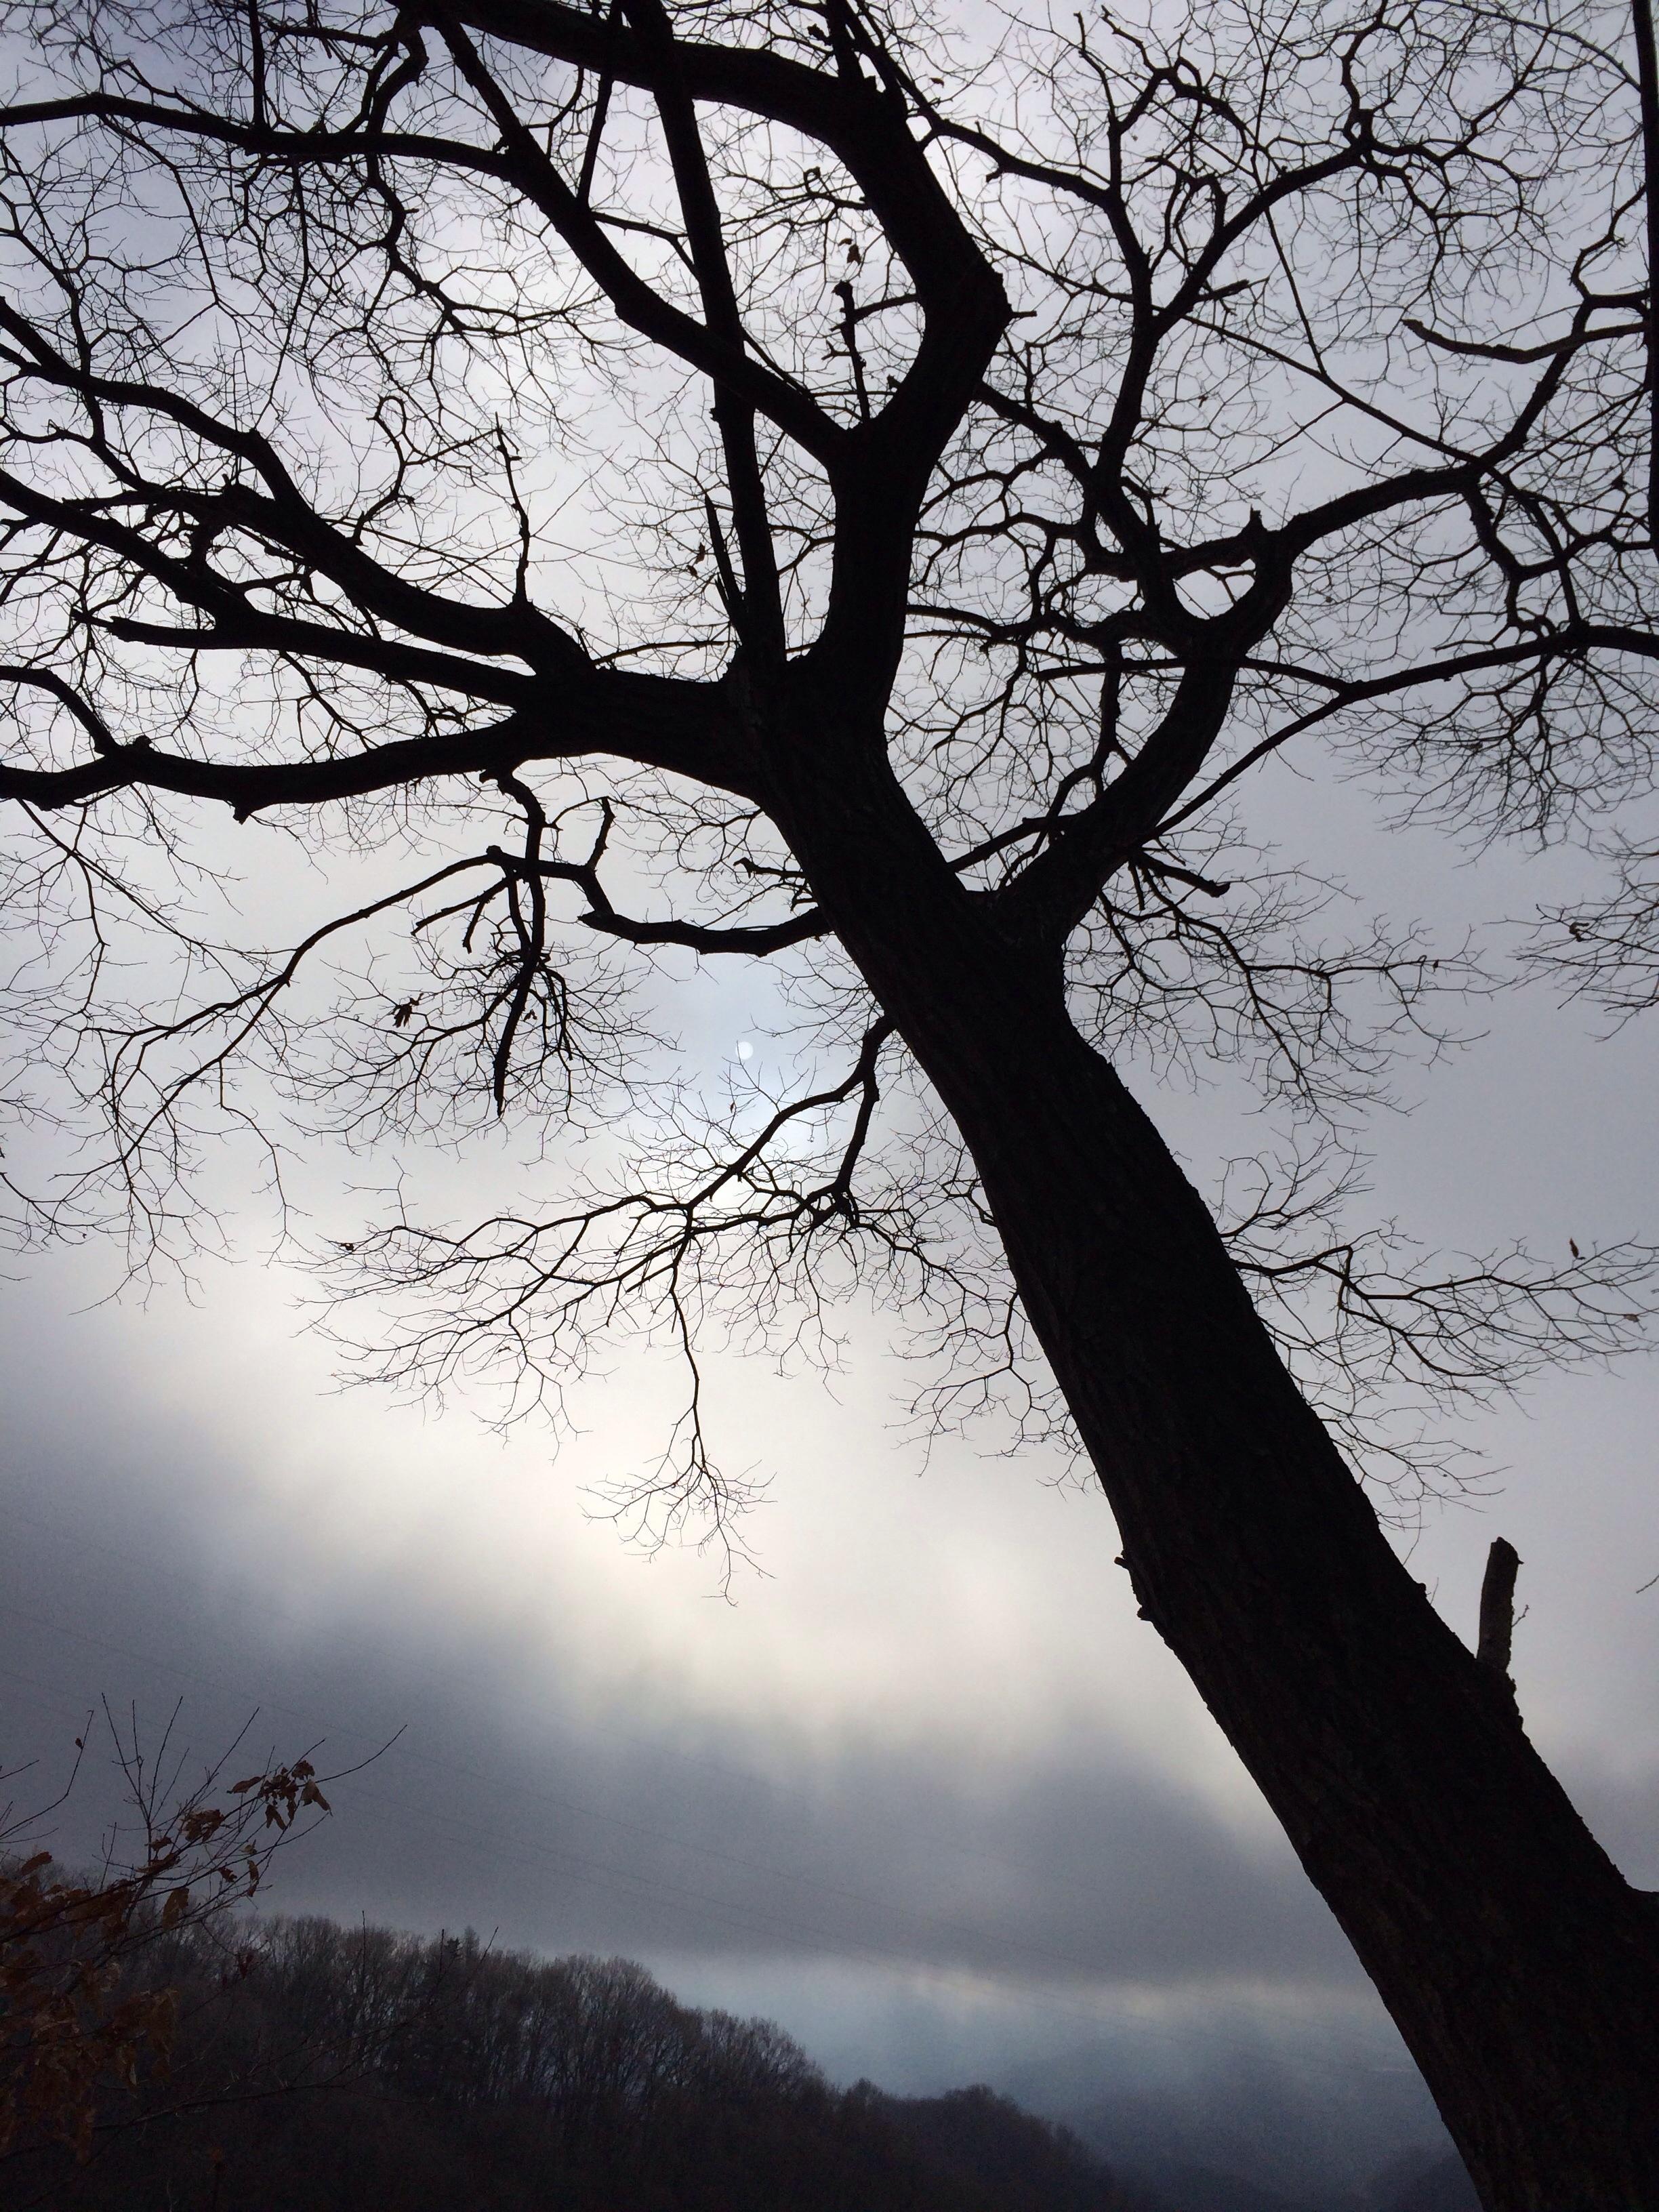 12月7日軽井沢、冬の木々20131207-111942.jpg